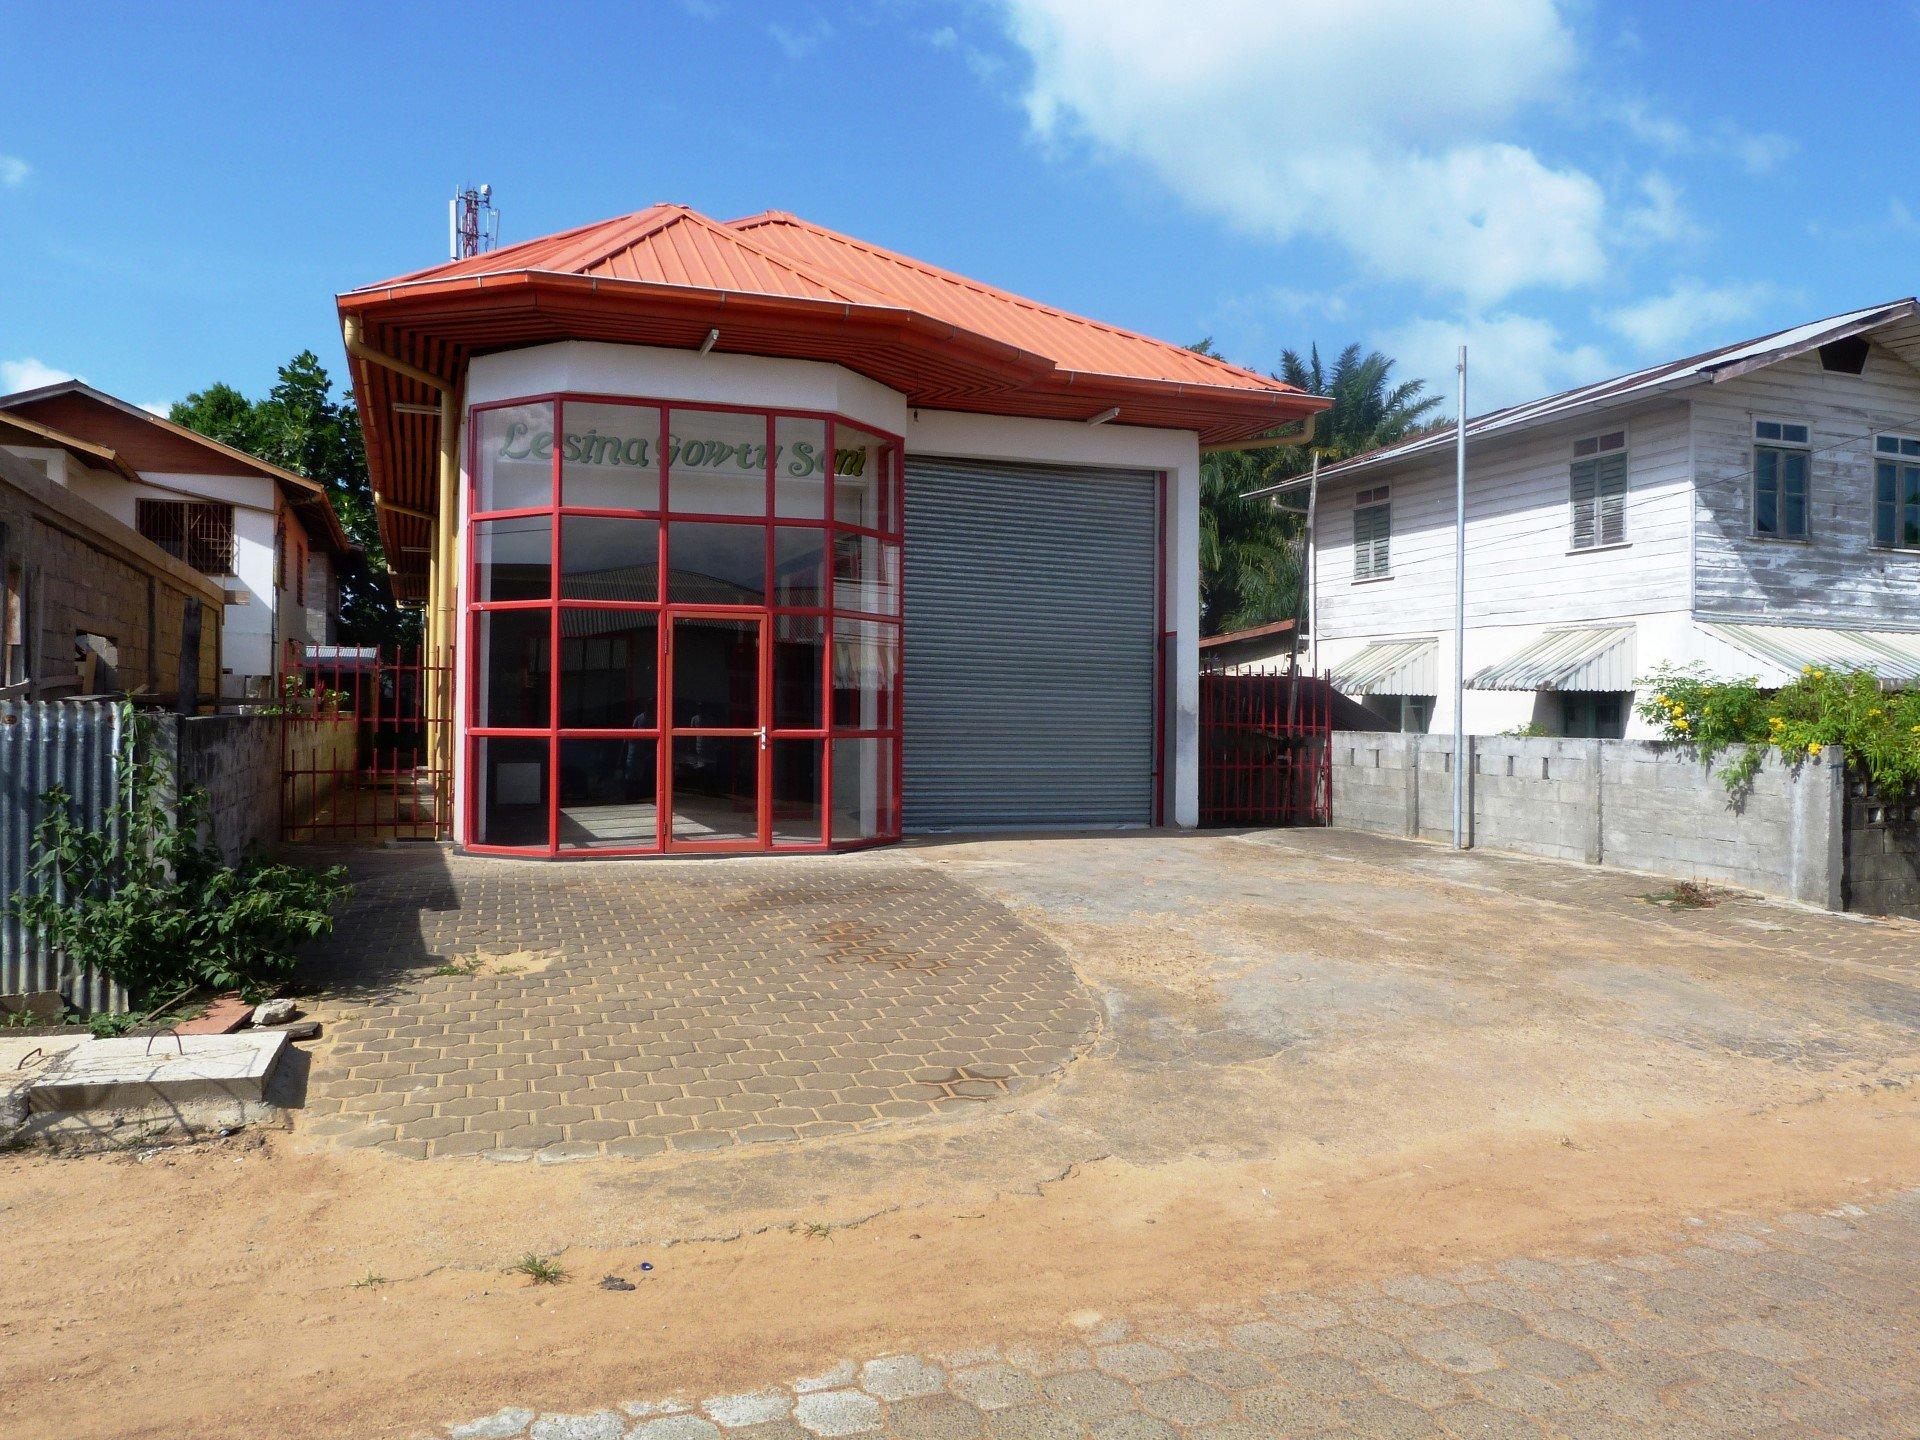 Groenhartstraat 481 - Bedrijfsloods - Surgoed Makelaardij NV - Paramaribo, Suriname